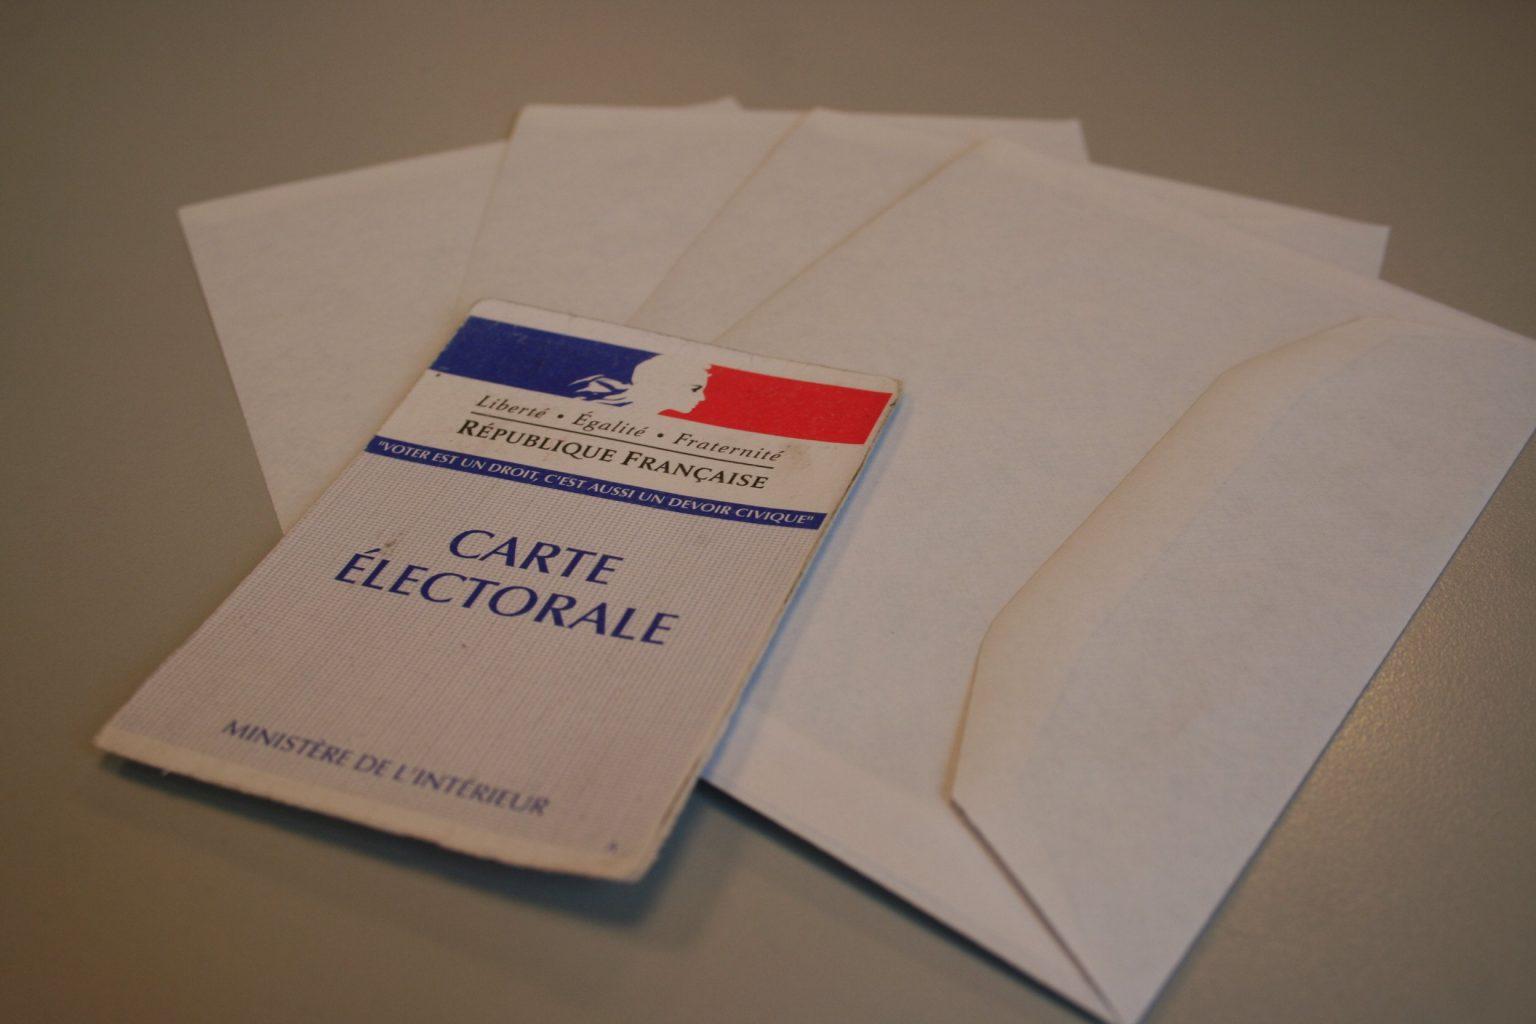 Carte C3A9lectorale Vote France 1